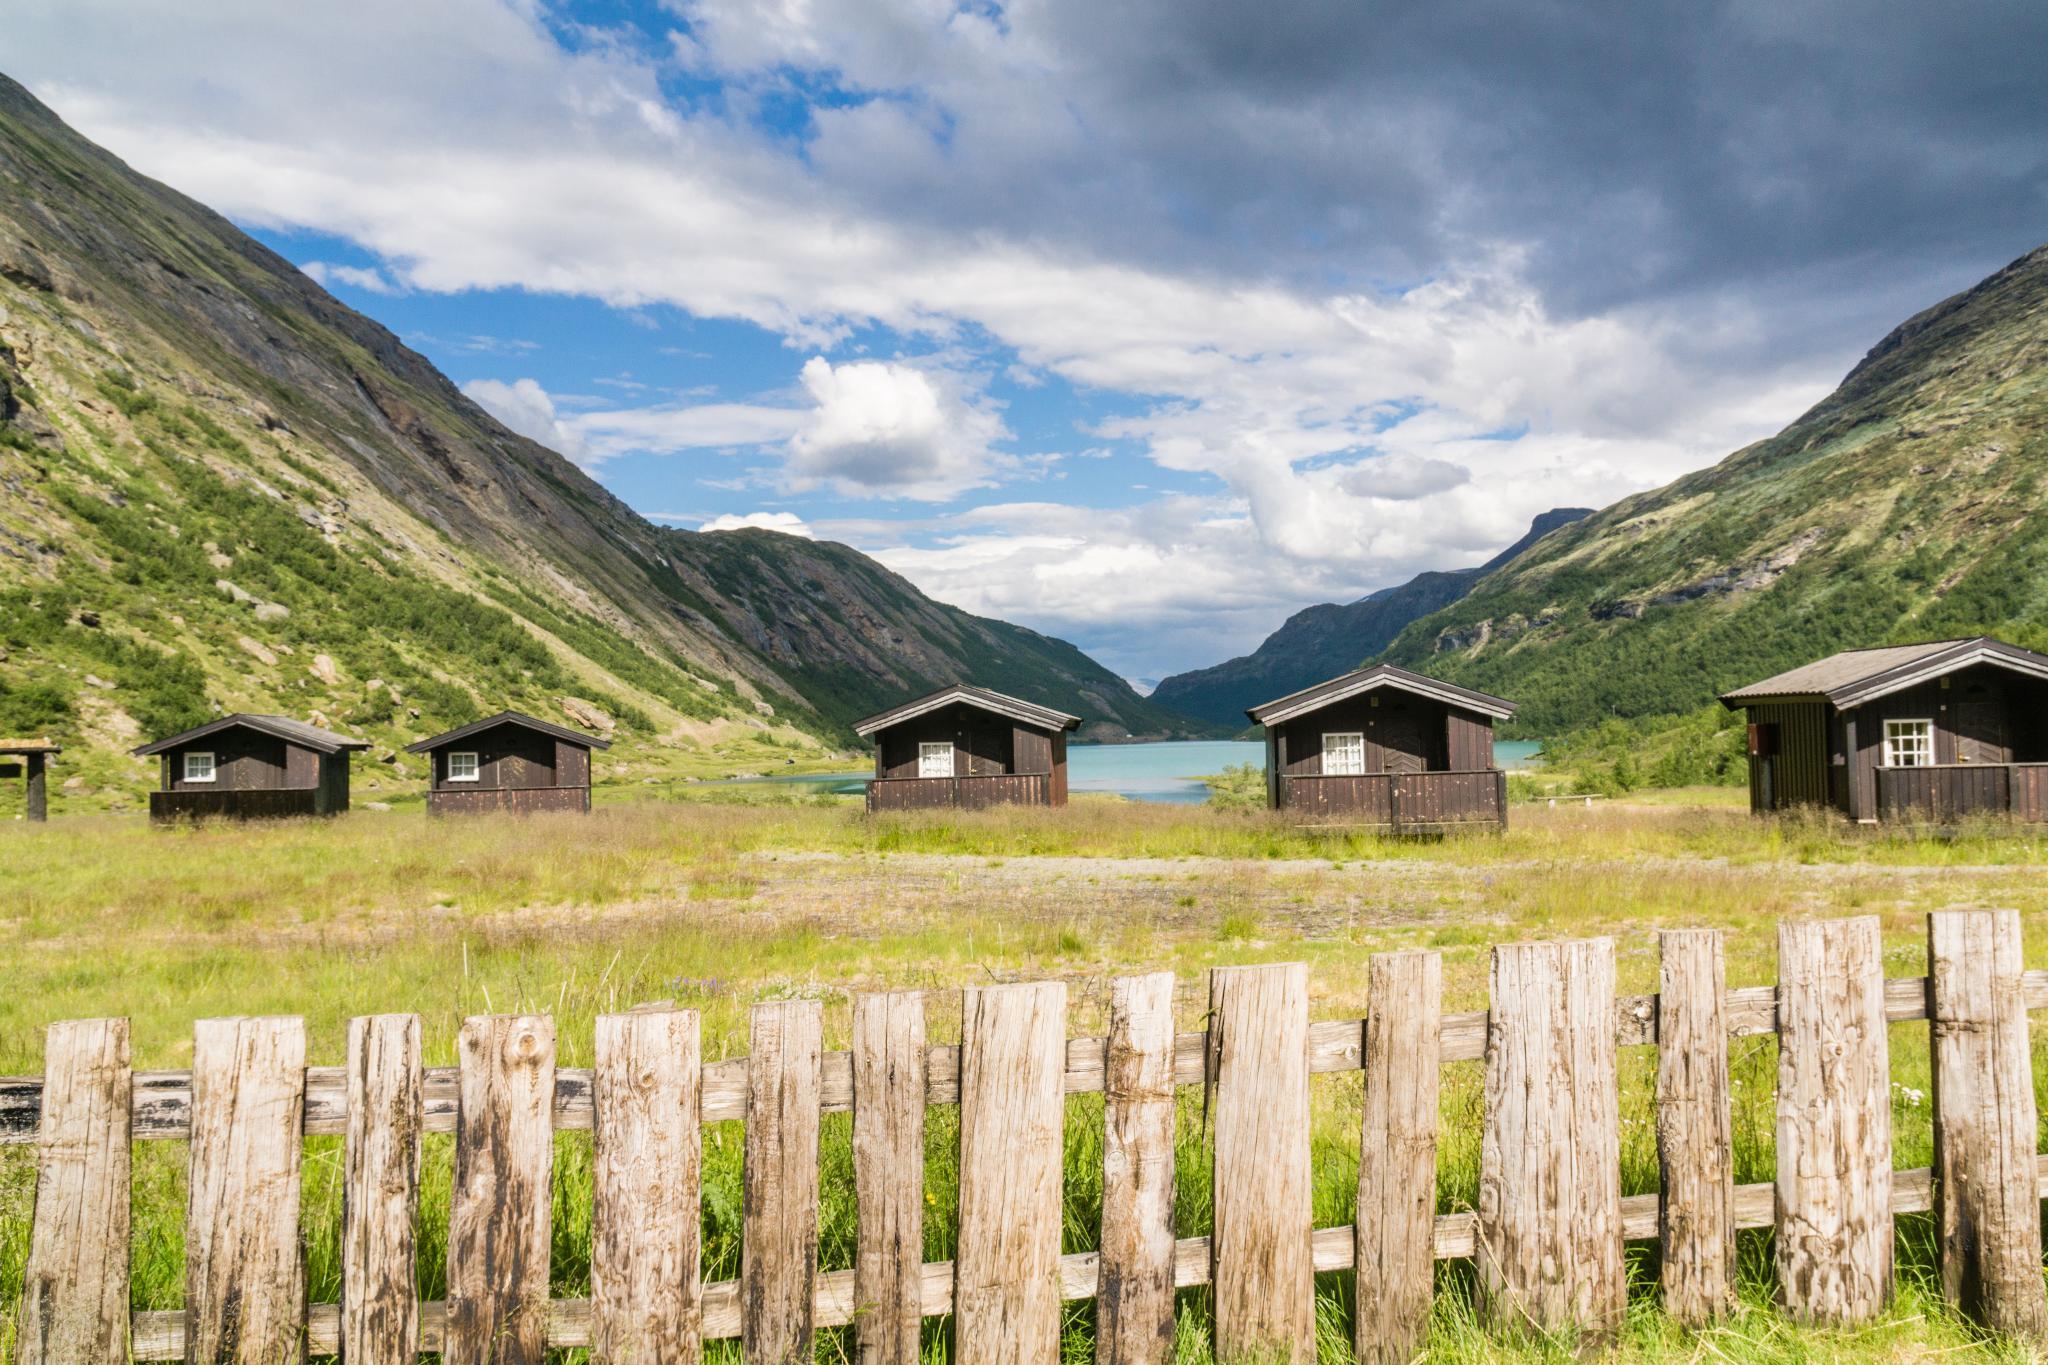 【北歐景點】穿越挪威的屋脊 - 前進北歐最美的冰原景觀公路 Fv55松恩山路 (Sognefjellet) 22